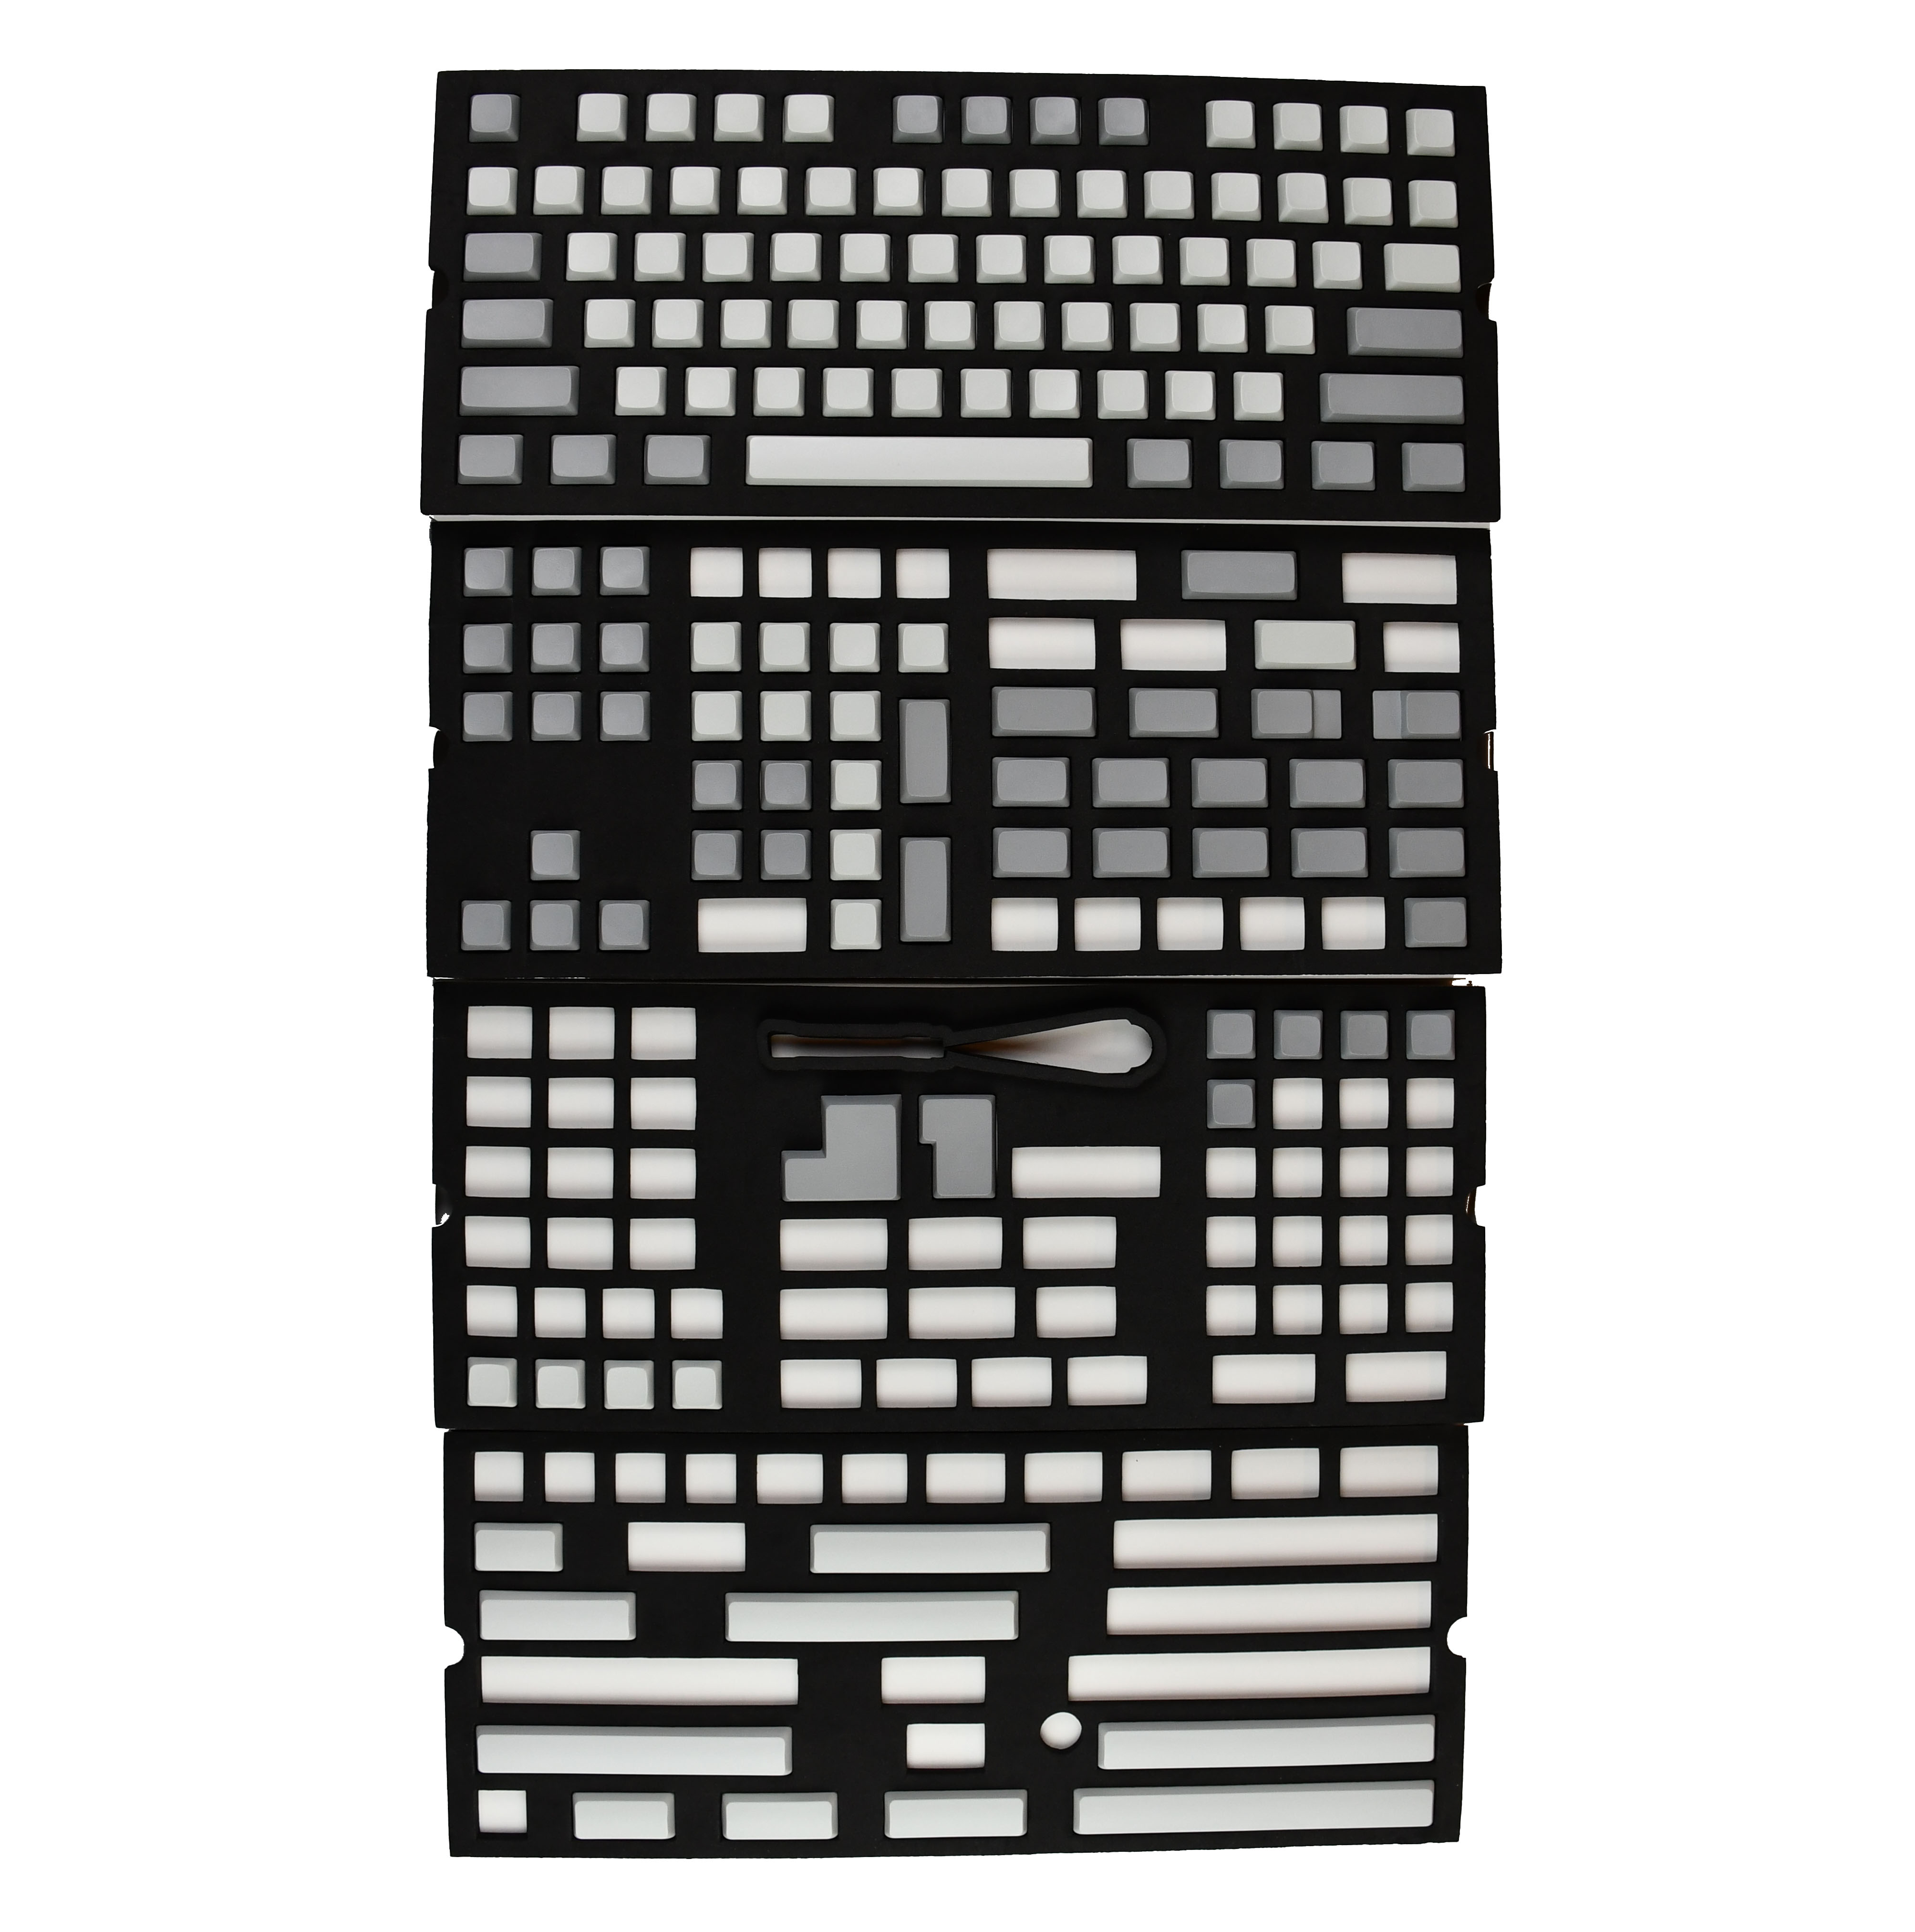 XDA Blank Keycaps Full Set